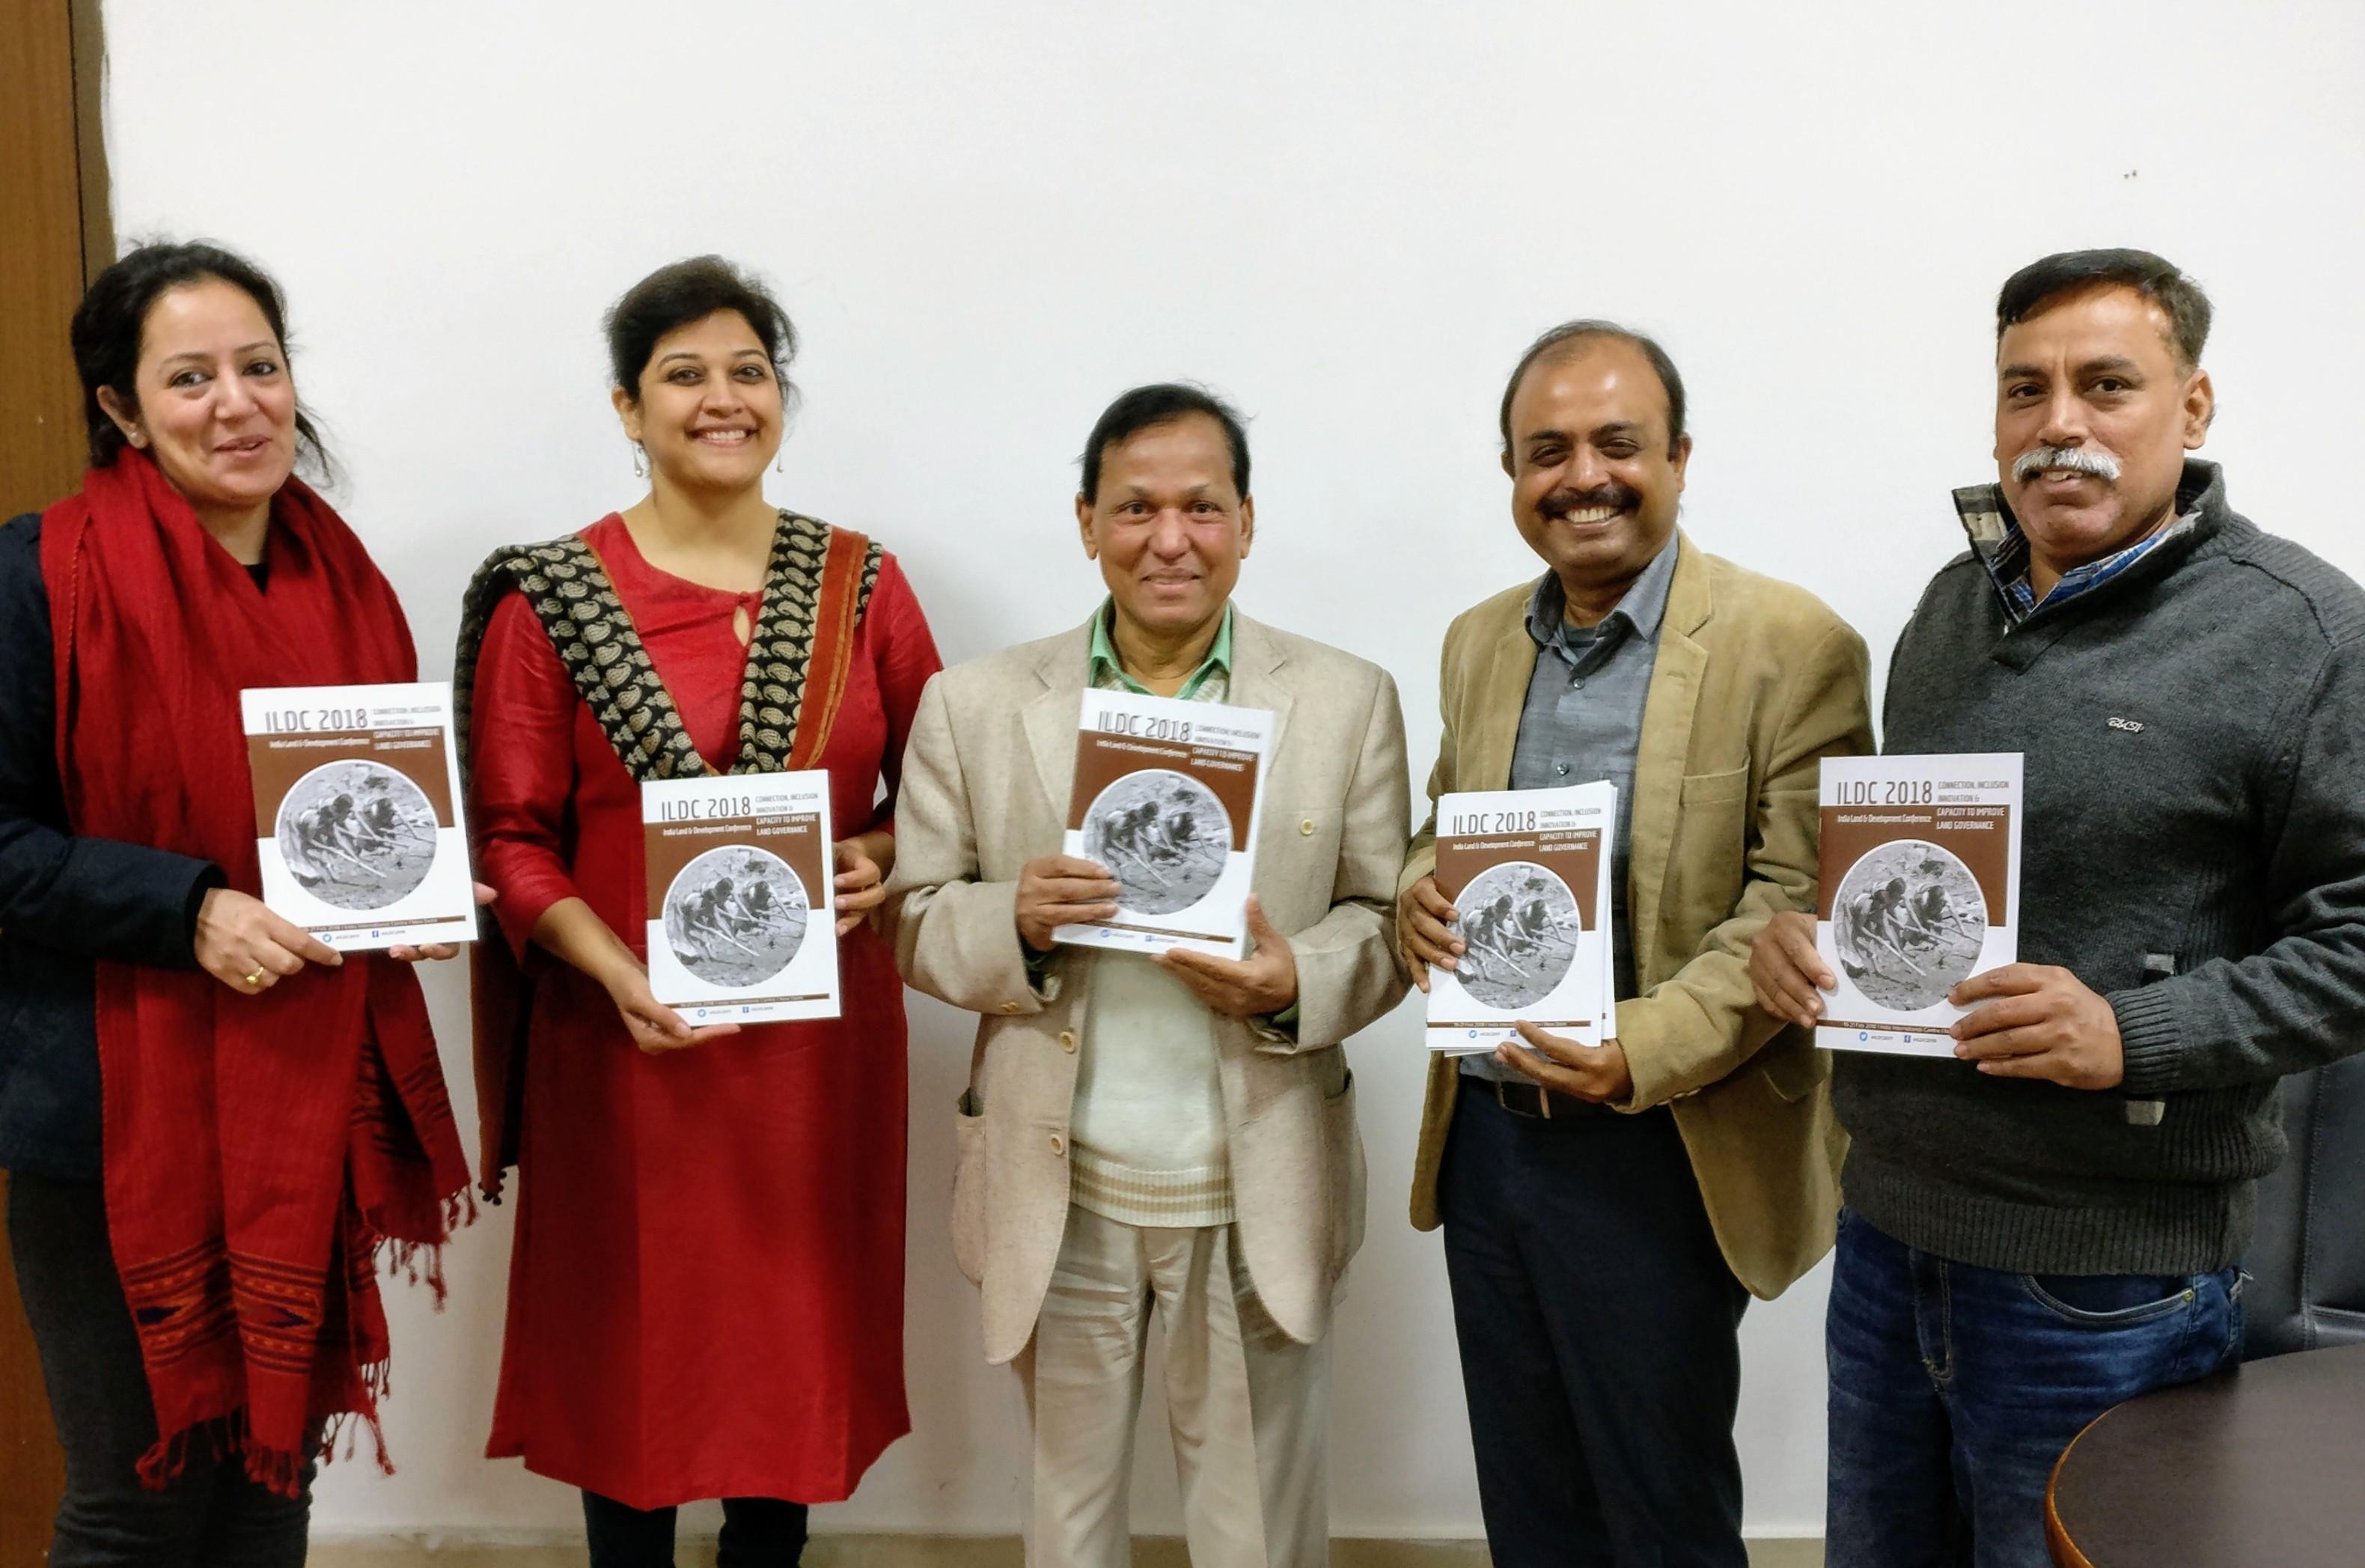 Dr. Tajamul Haque at ILDC 2018